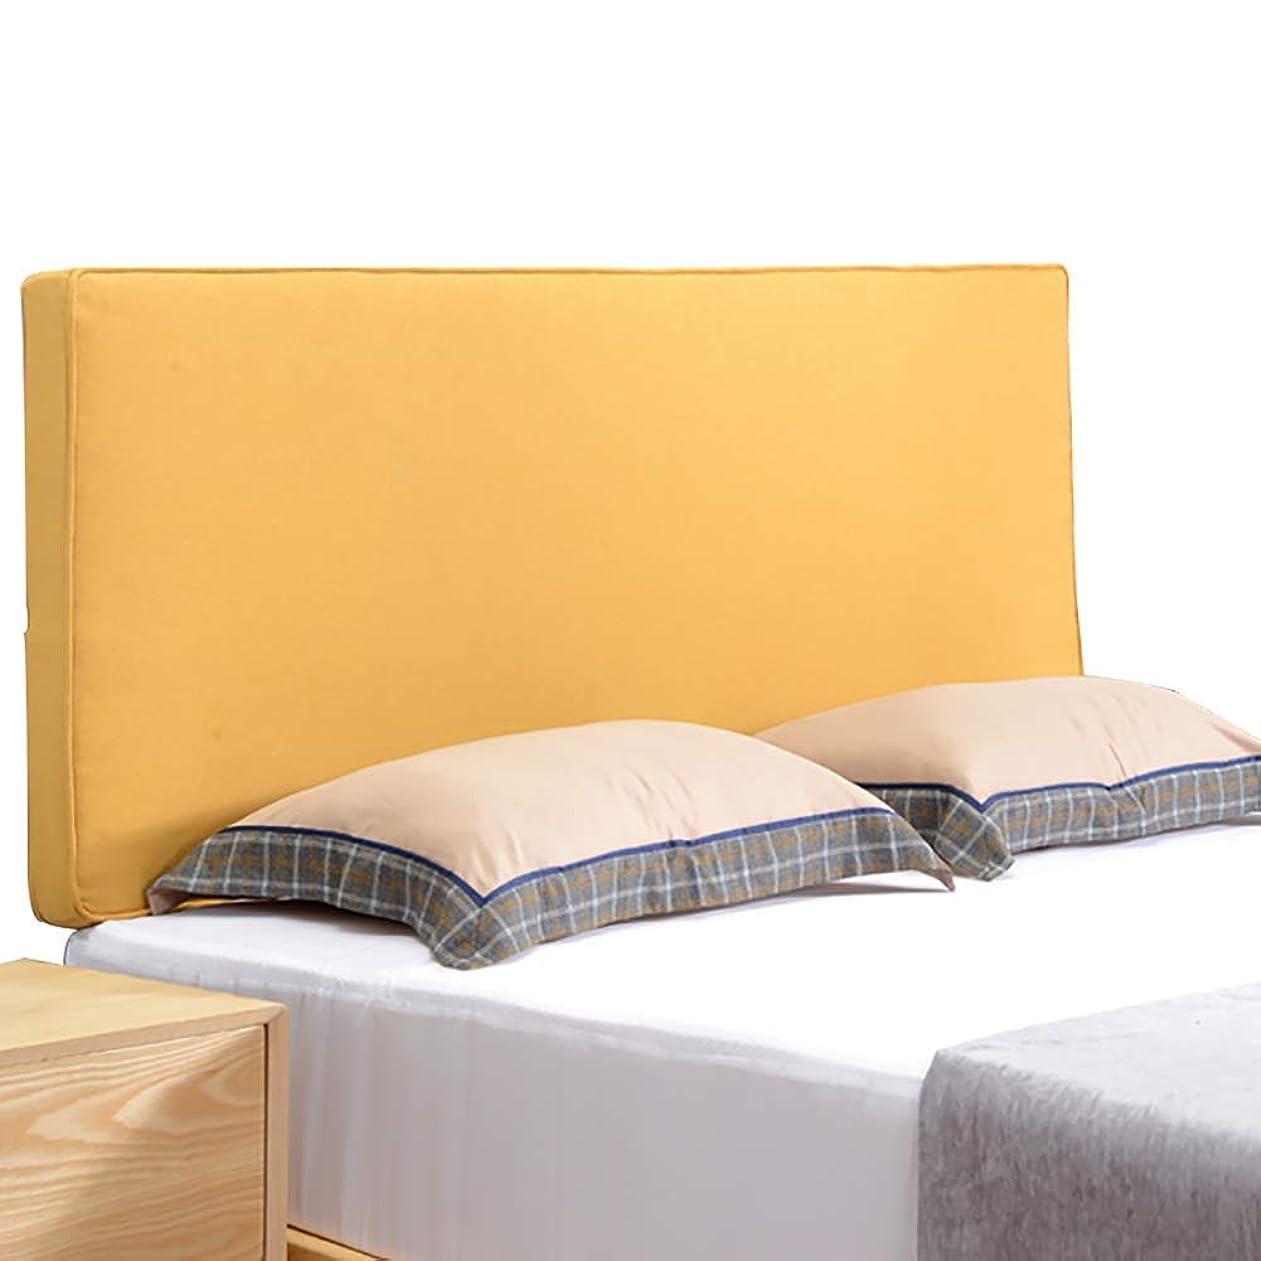 訪問等しいエンディングWZBヘッドボードベッドサイドクッションフラックスシンプルモダン通気性取り外し可能、洗えるウエスト、4色、8サイズ(色:B、サイズ:200x8x70cm)を保護します。